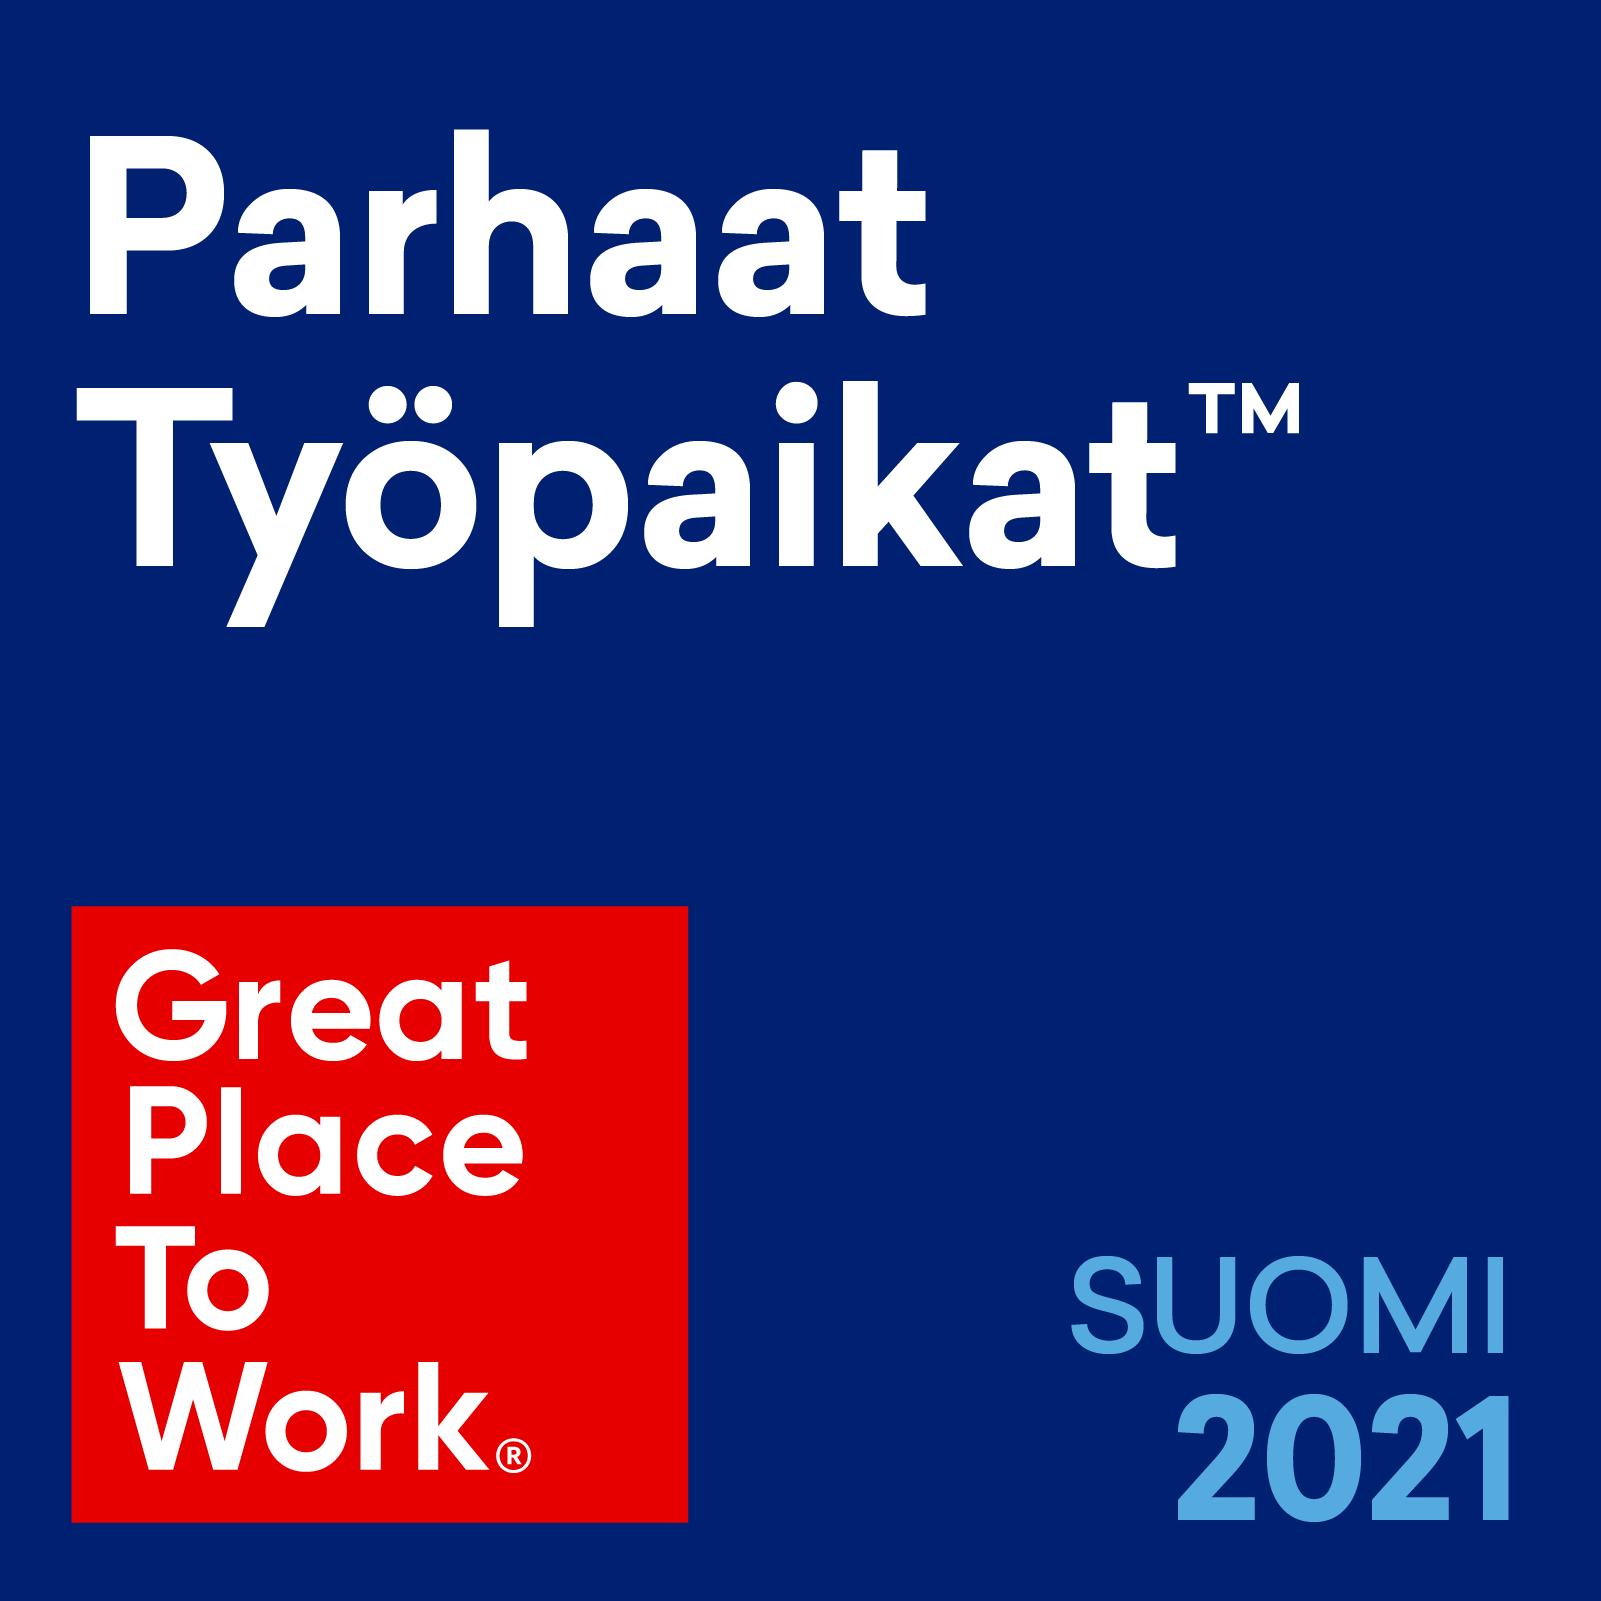 2021 Parhaat työpaikat